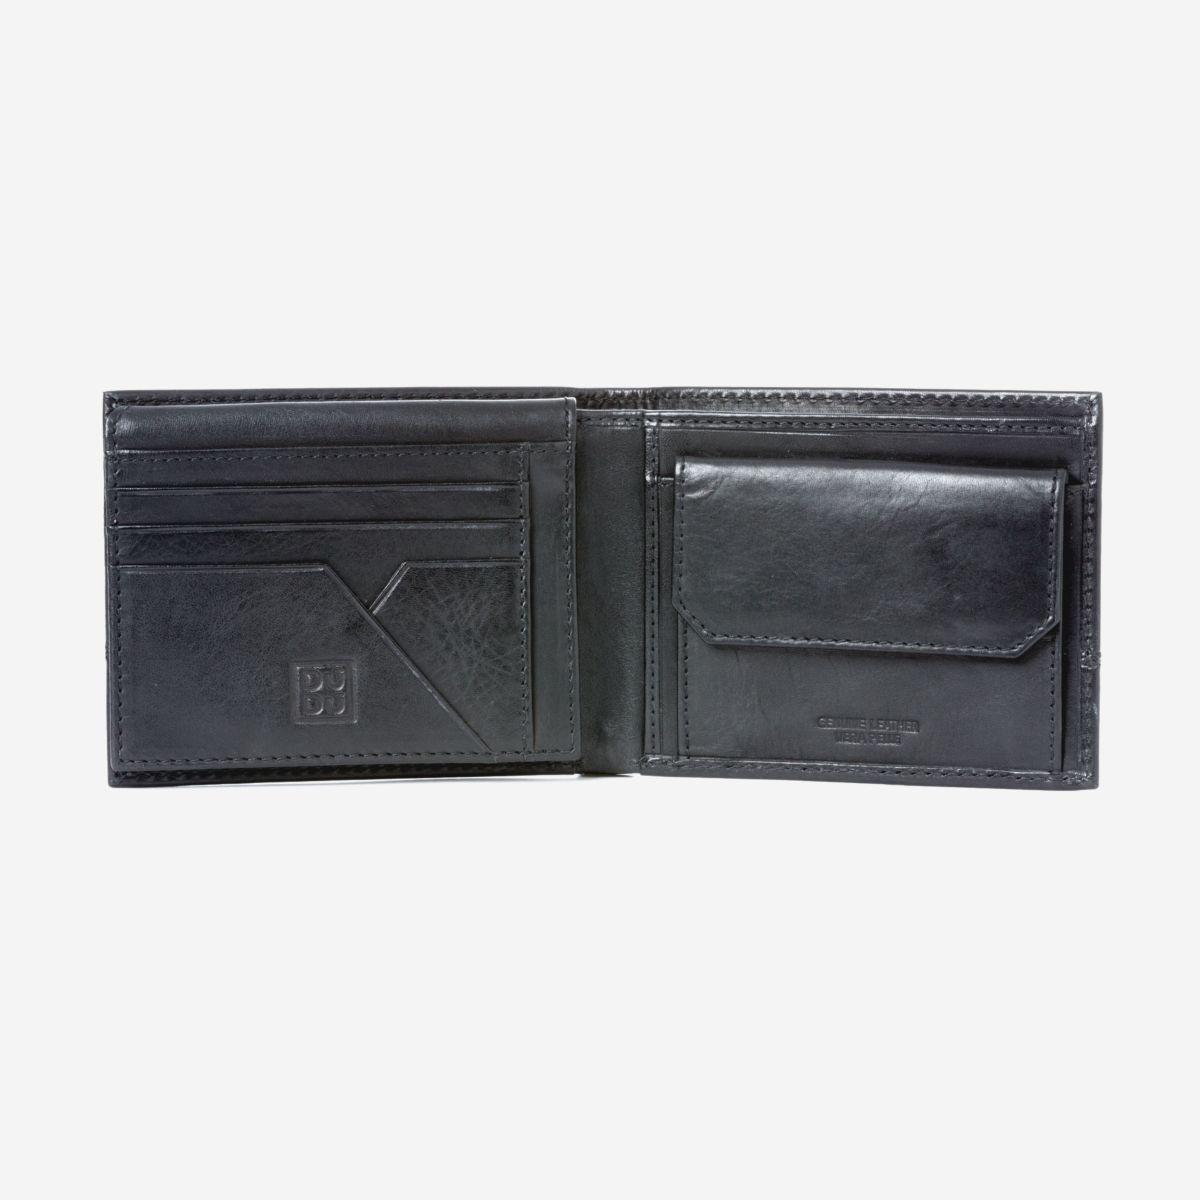 DuDu ארנק עור לגבר עם תא למטבעות - שחור